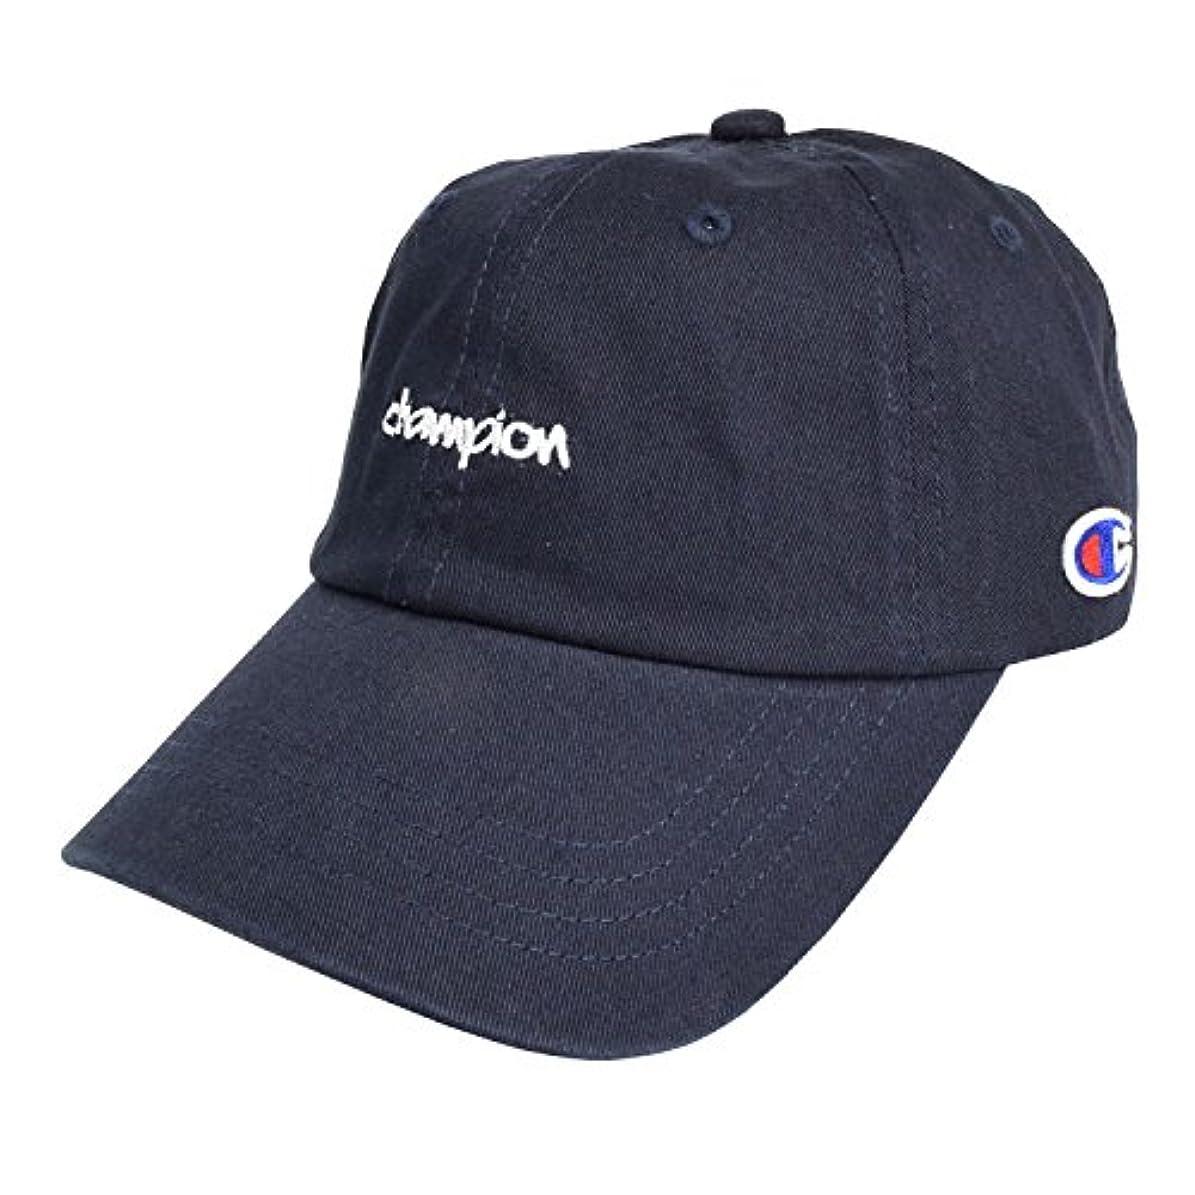 受け入れた印をつける統合する[チャンピオン] Champion キャップ 181-0136 コットン ツイル メンズ レディース リンクコーデ ペアルック ロゴ 刺繍 帽子 かっこいい おしゃれ かわいい